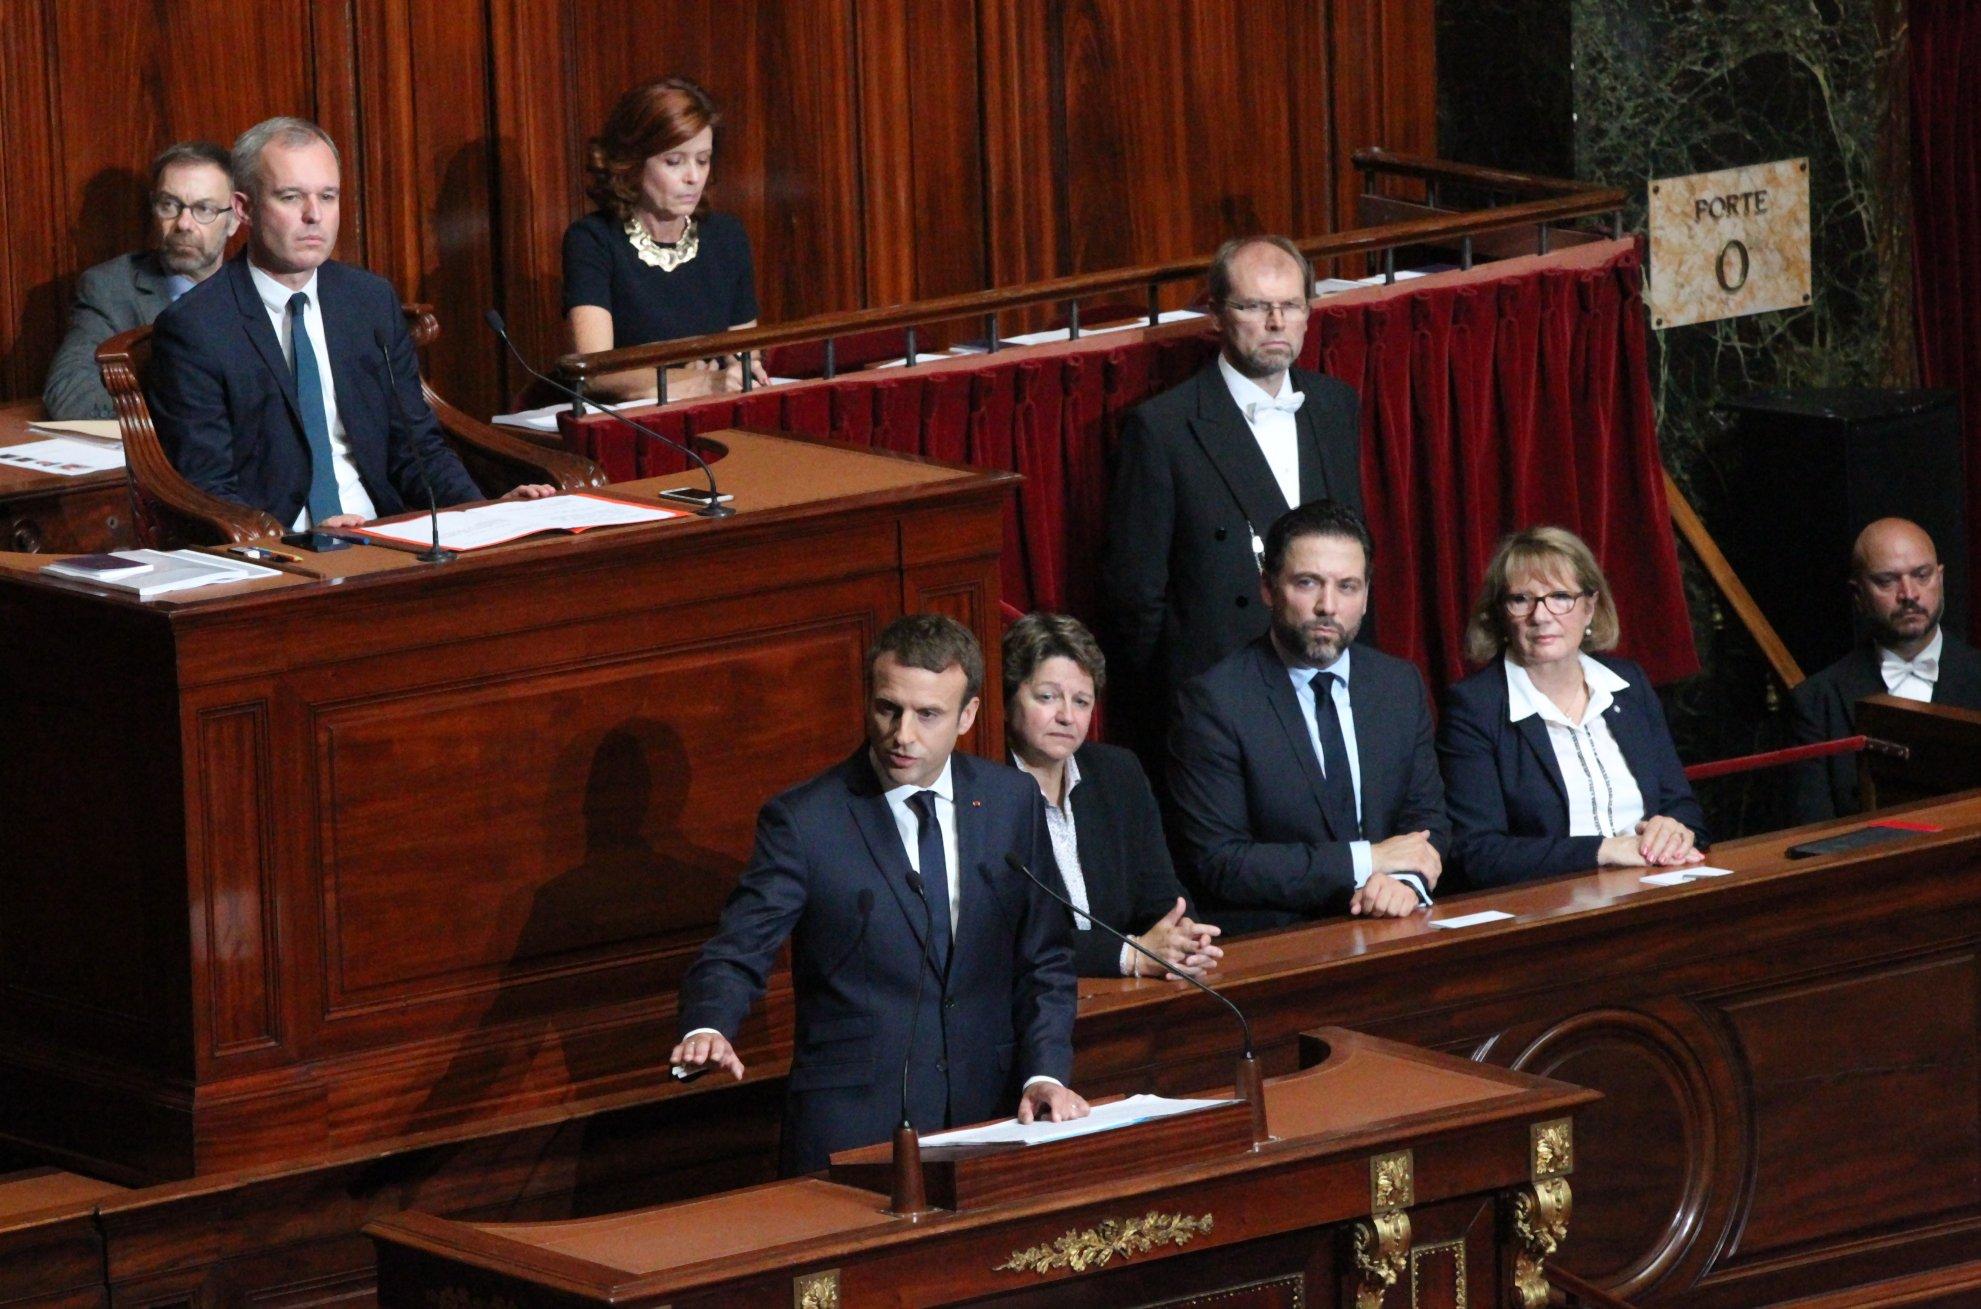 Le peuple français nous a fait connaitre ses volontés, et nous en serons les serviteurs. https://t.co/u7R75wmc0e